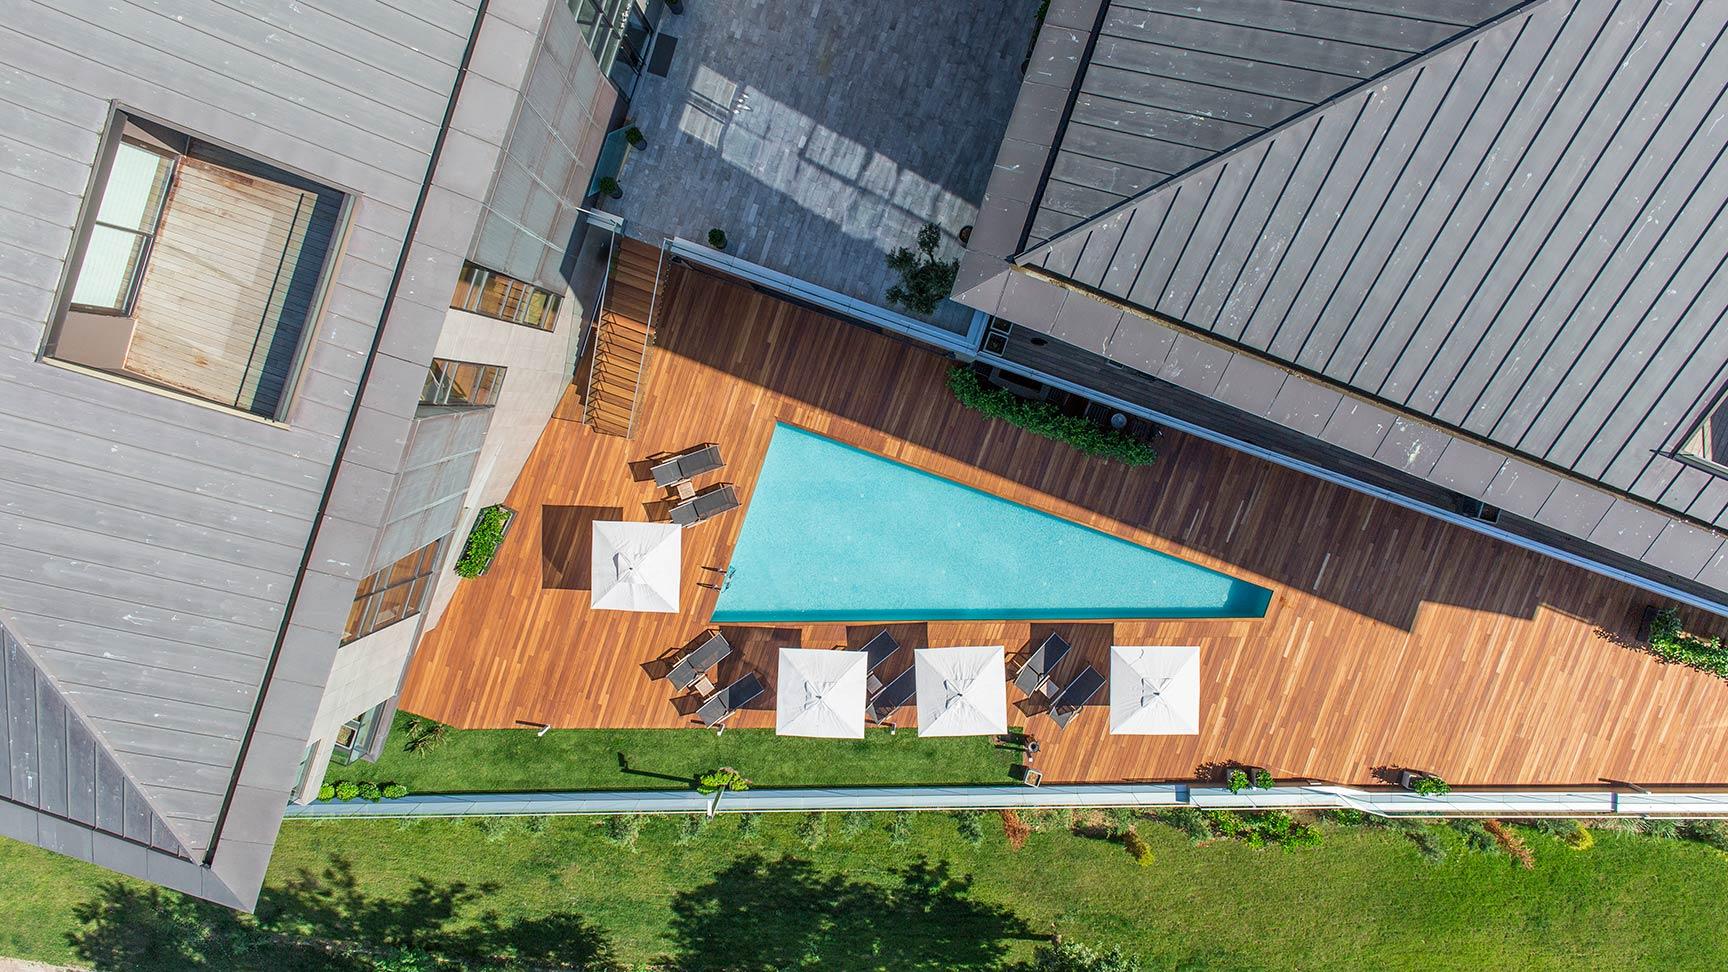 qent-istinye-porsche-design-project-luxury-37.jpg